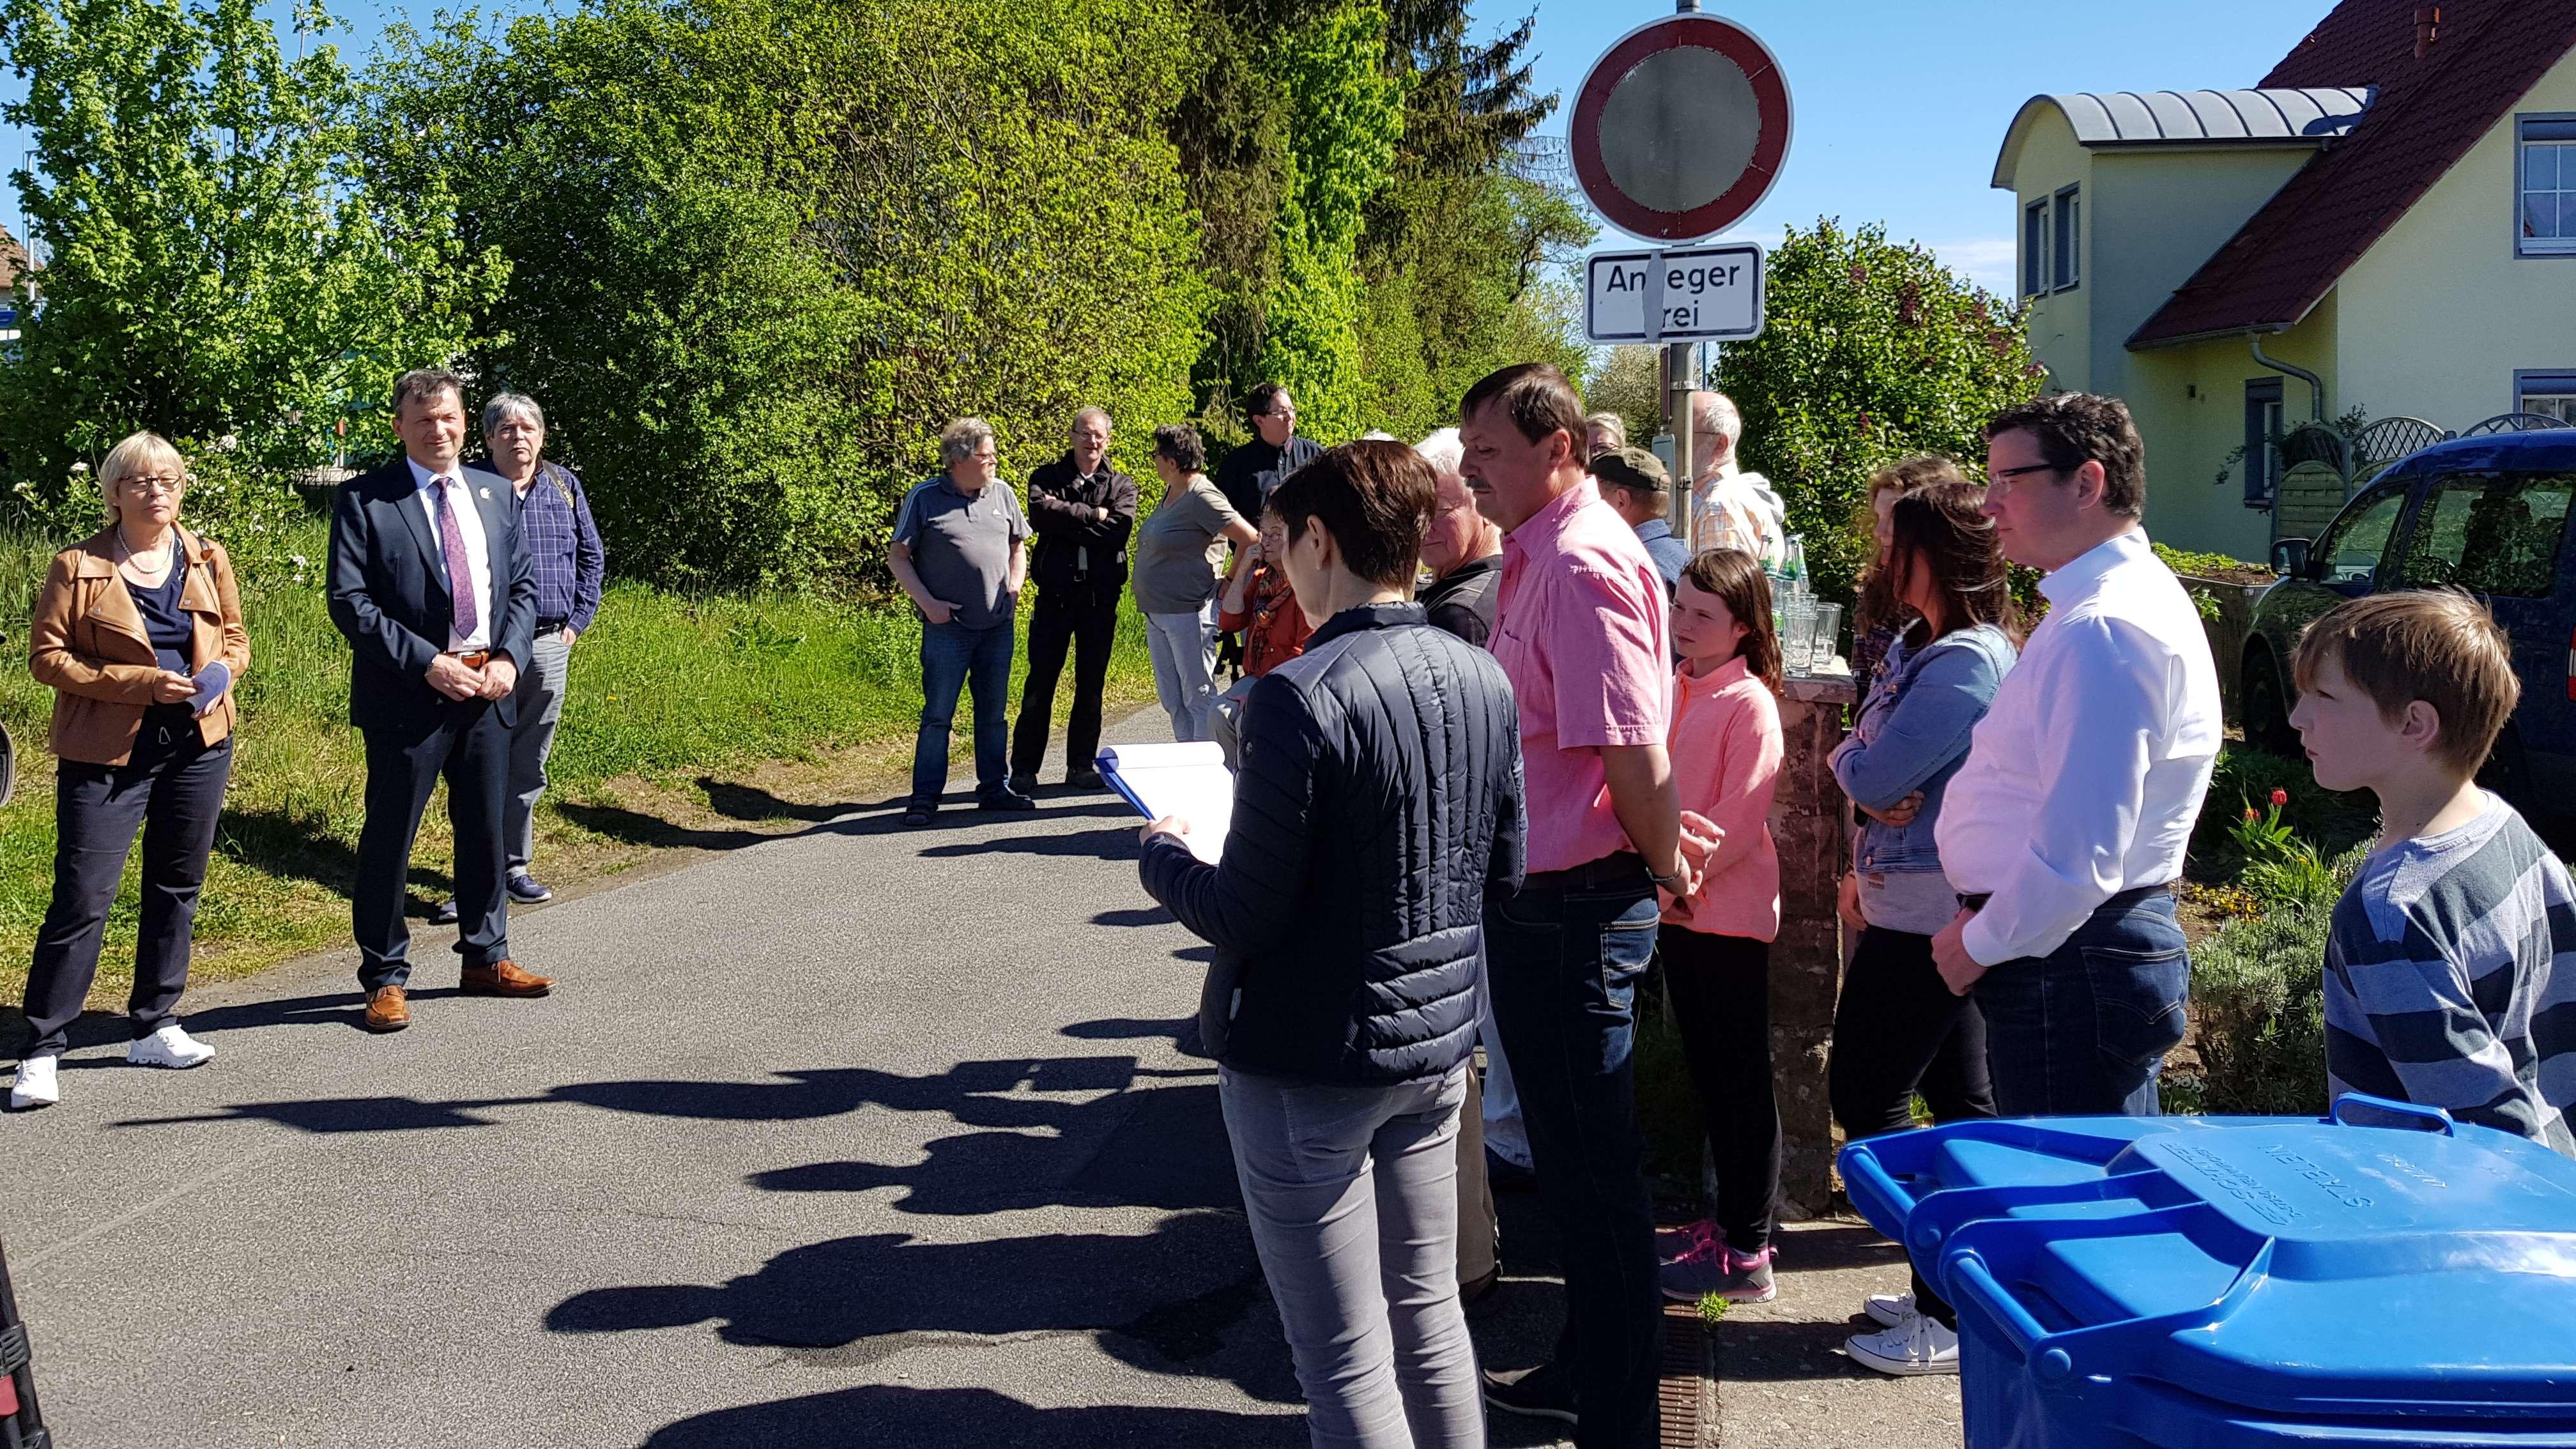 Ortstermin: Anwohner diskutieren mit dem Bürgermeister über Müllentsorgung in Bad Königshofen.